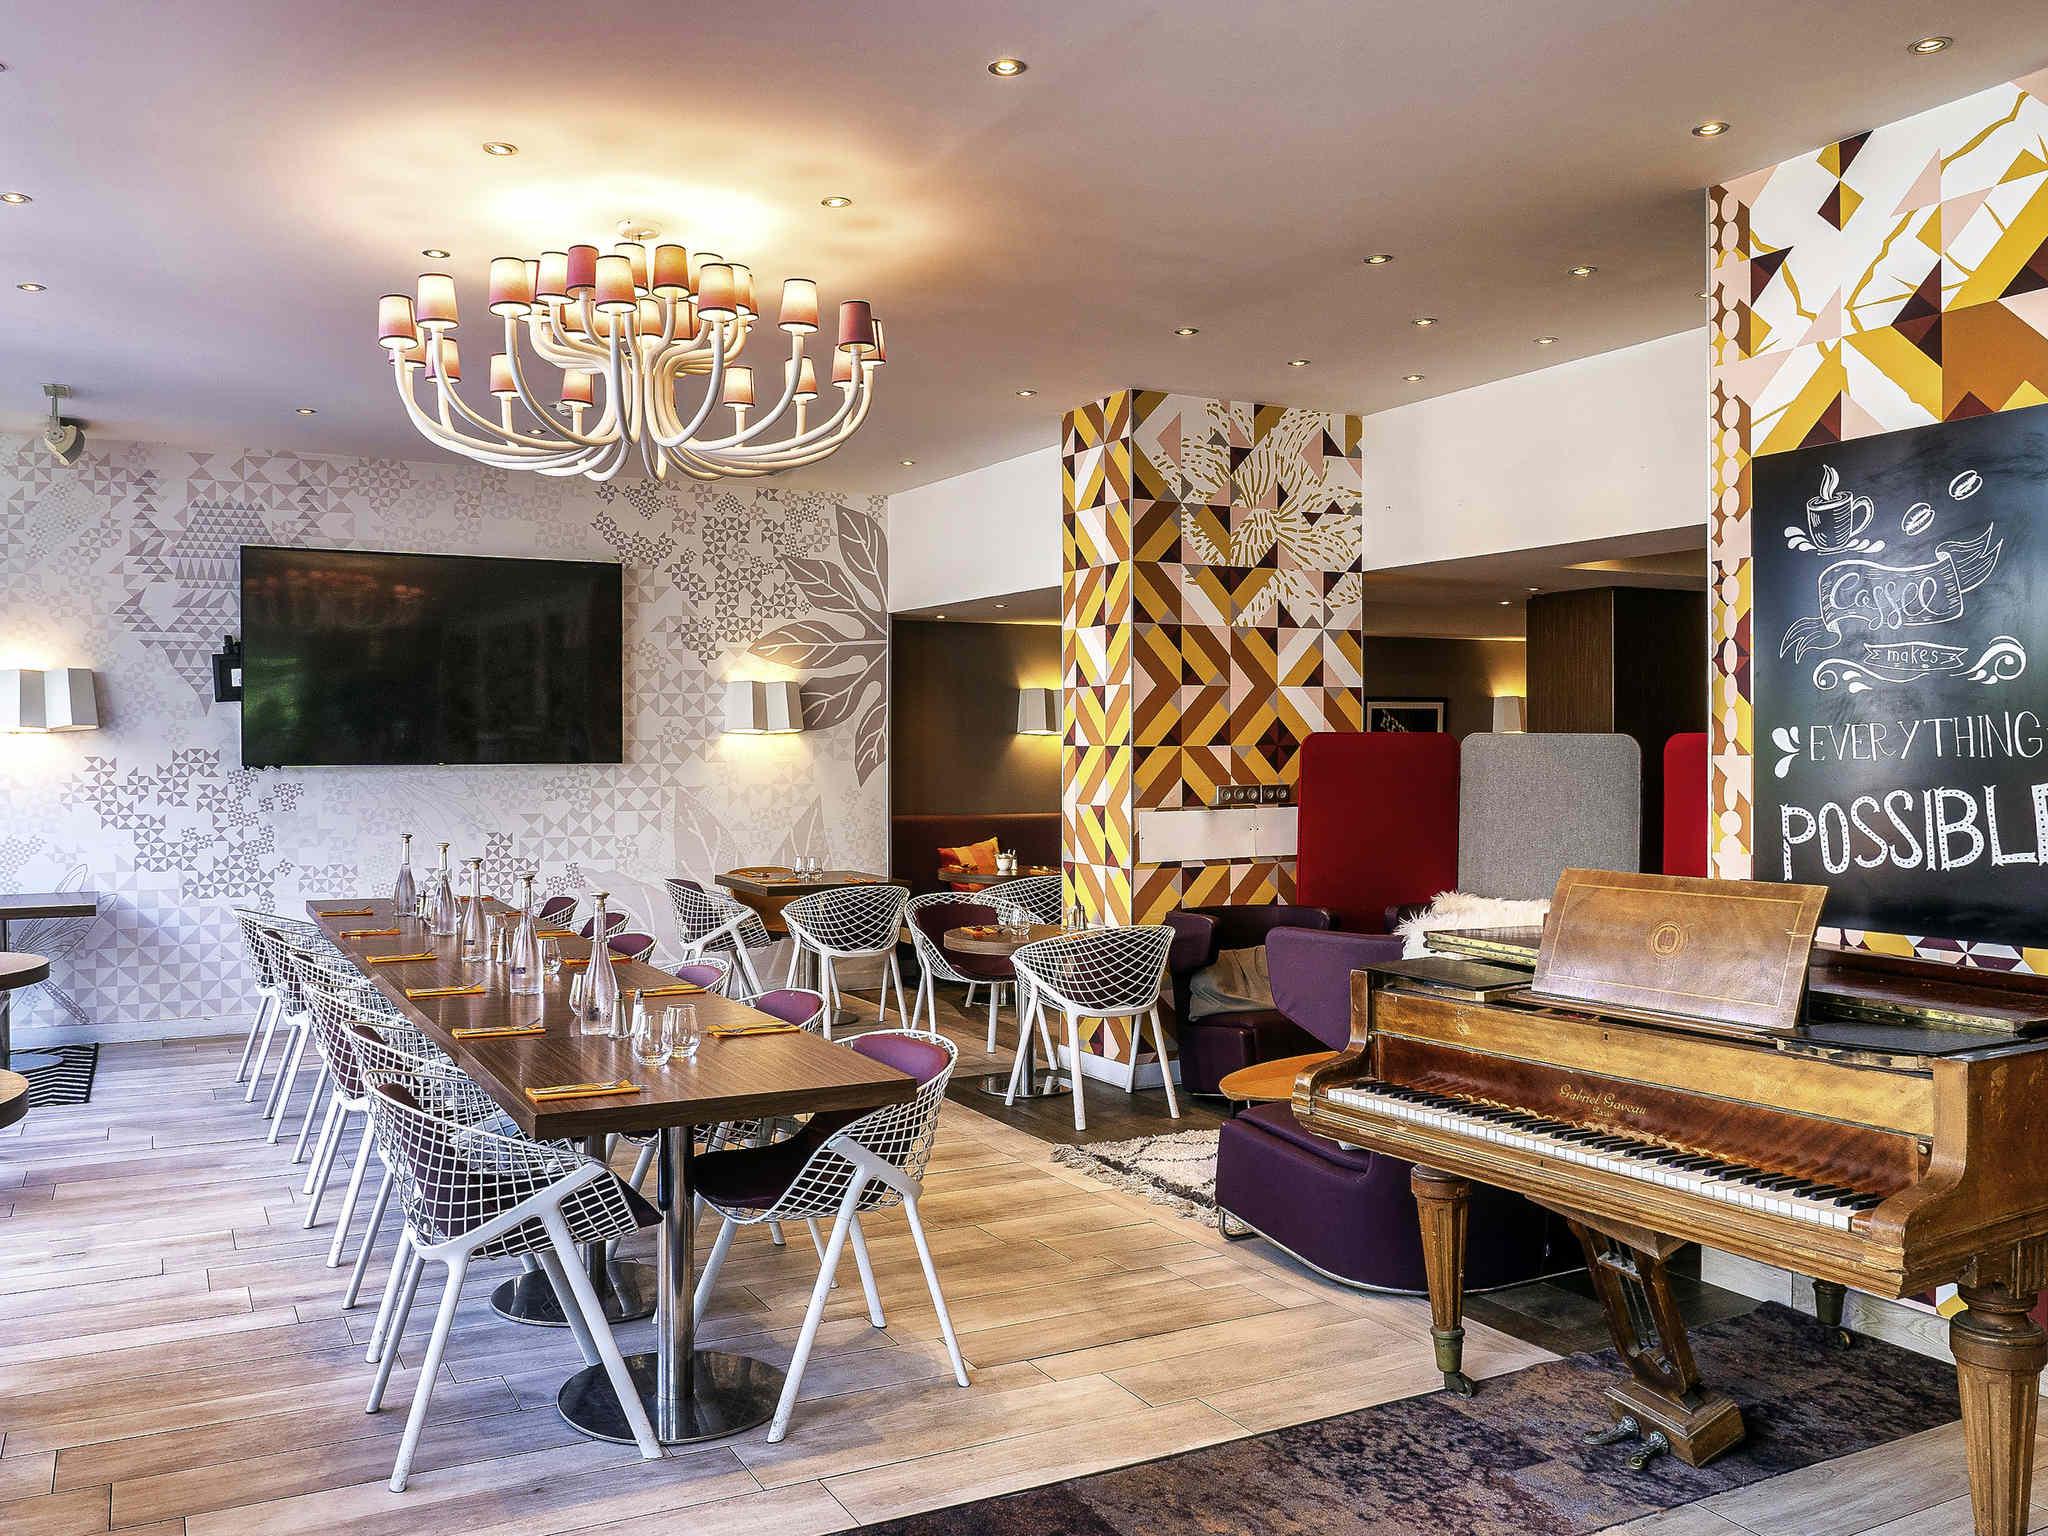 โรงแรม – โรงแรมเมอร์เคียว ปารีส มงมาทร์ ซาเคร เกอร์